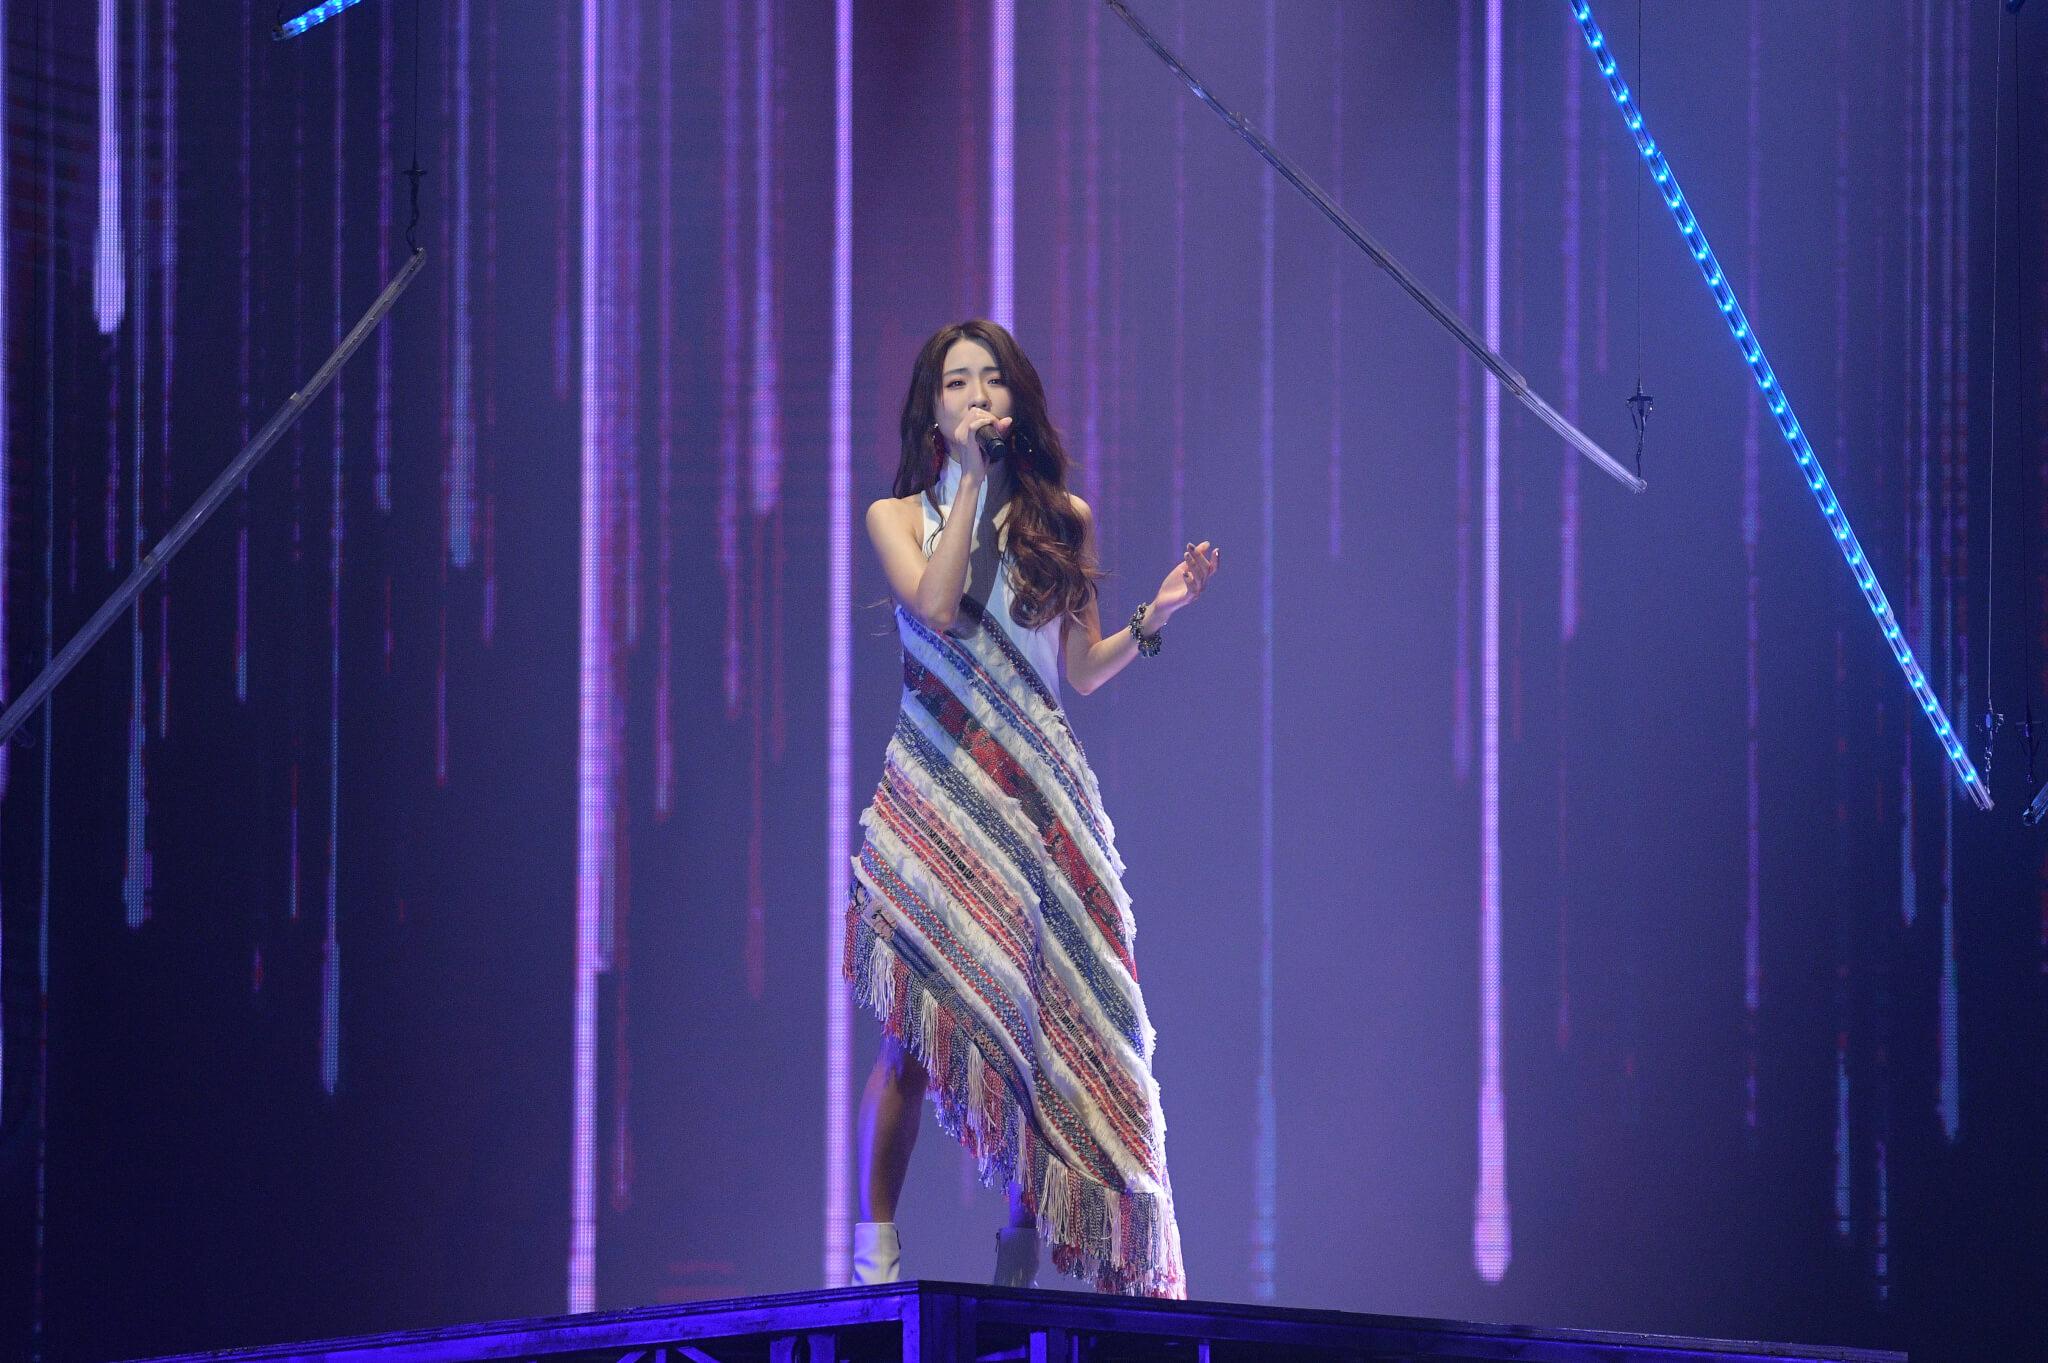 胡鴻鈞去年迷你音樂會口碑極好,原本一早已定下今年八月在九展舉行首次大型演唱會,但檔期突然落在去年奪得「最受歡迎女歌星」的菊梓喬手上。